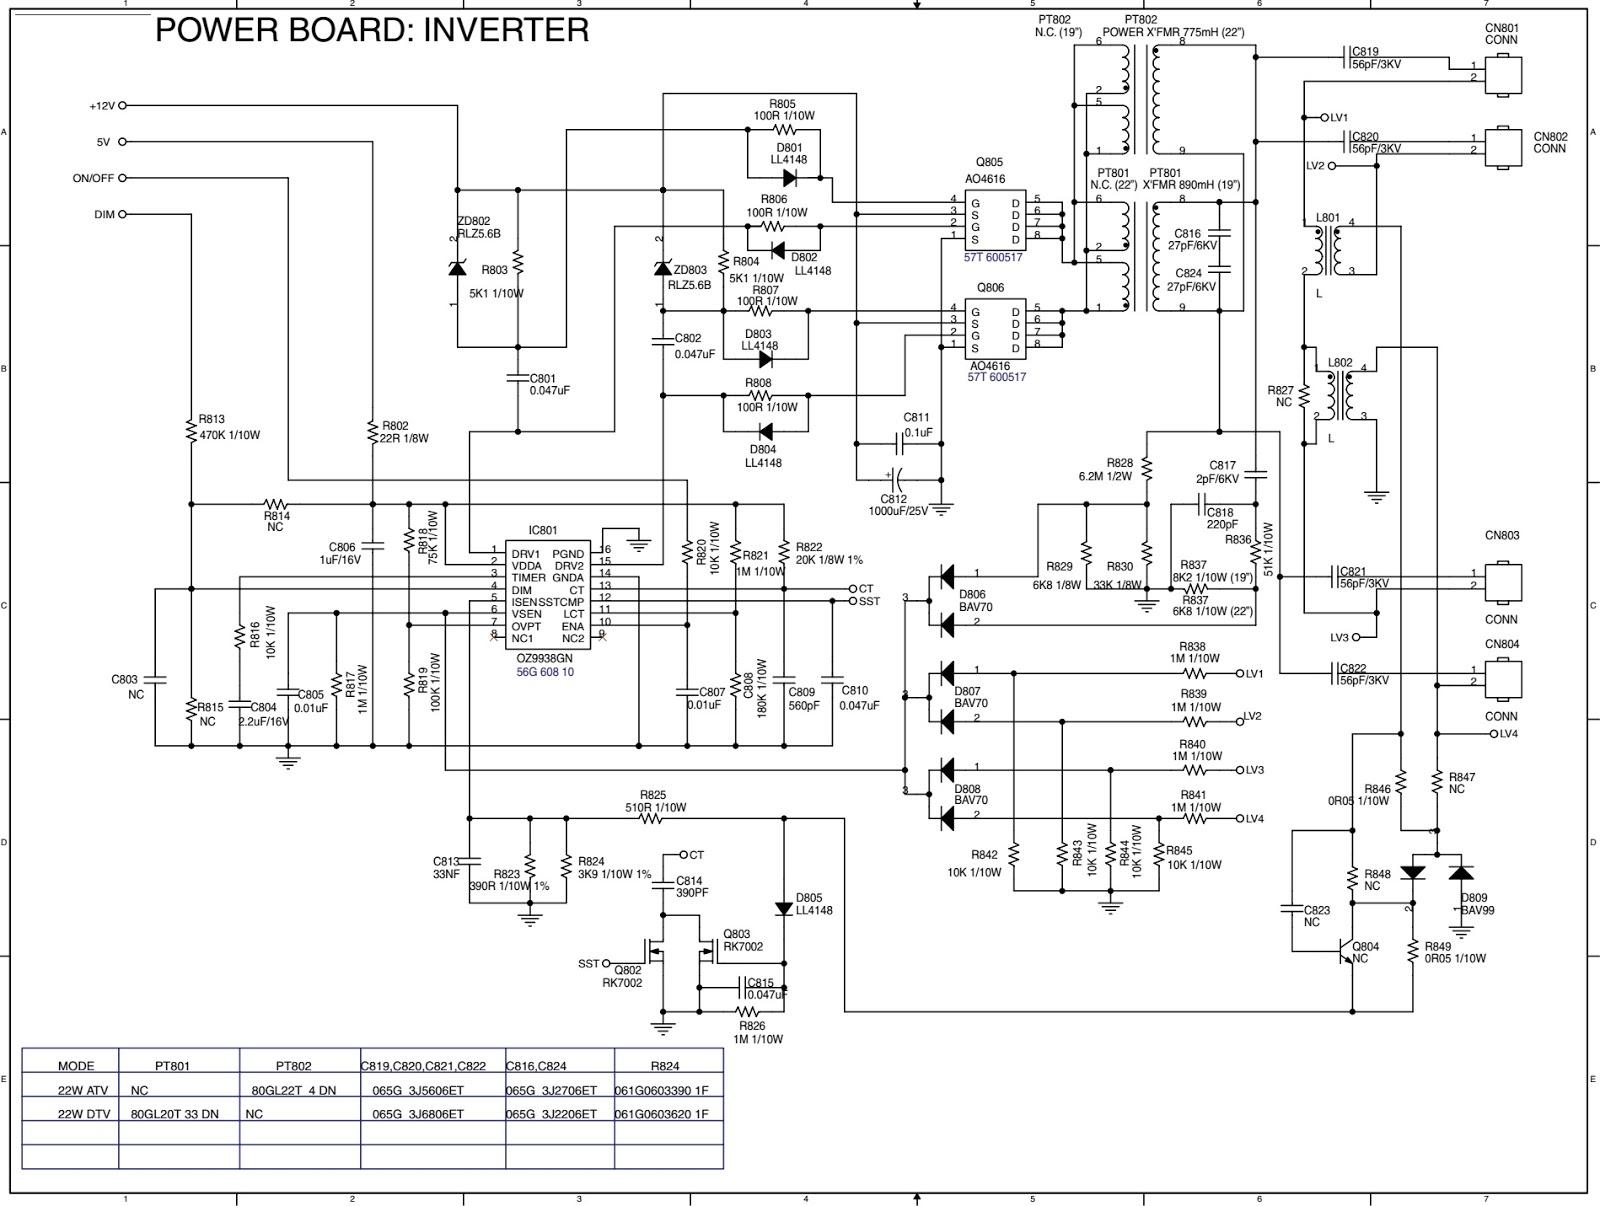 philips 19pfl3403-10  u2013 power schematic